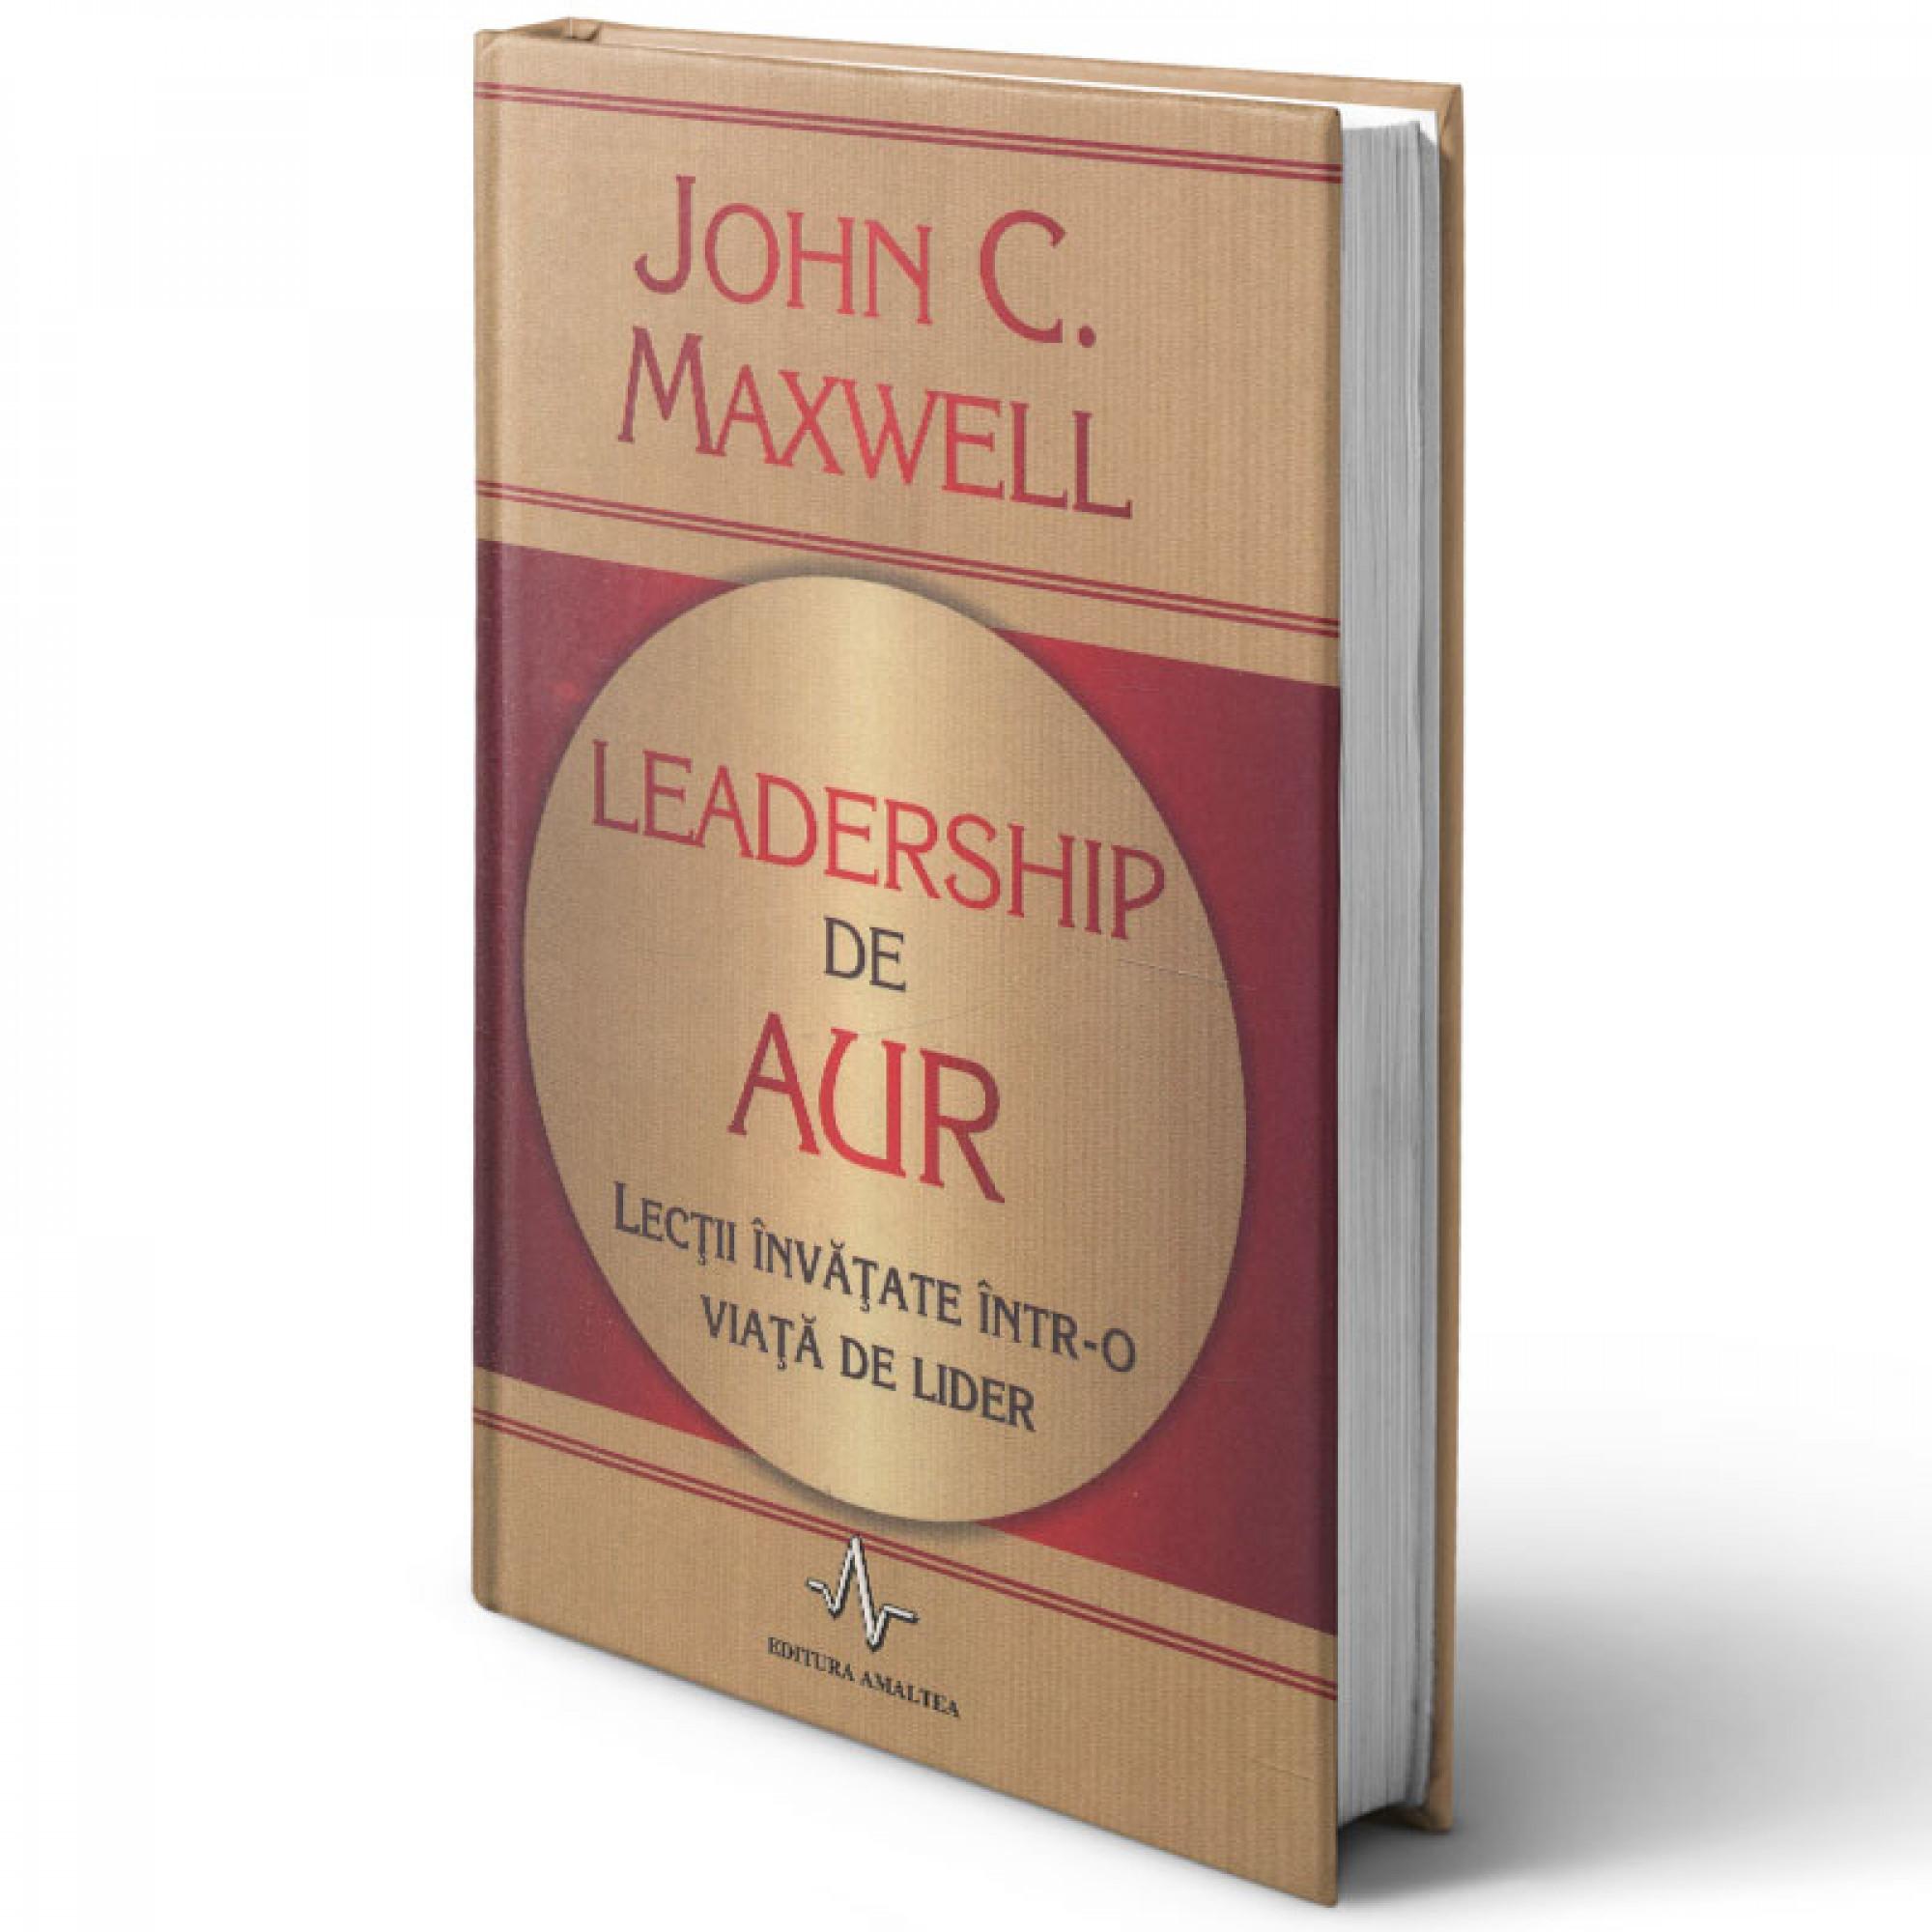 Leadership de aur. Lecții învățate într-o viață de lider; John Maxwell